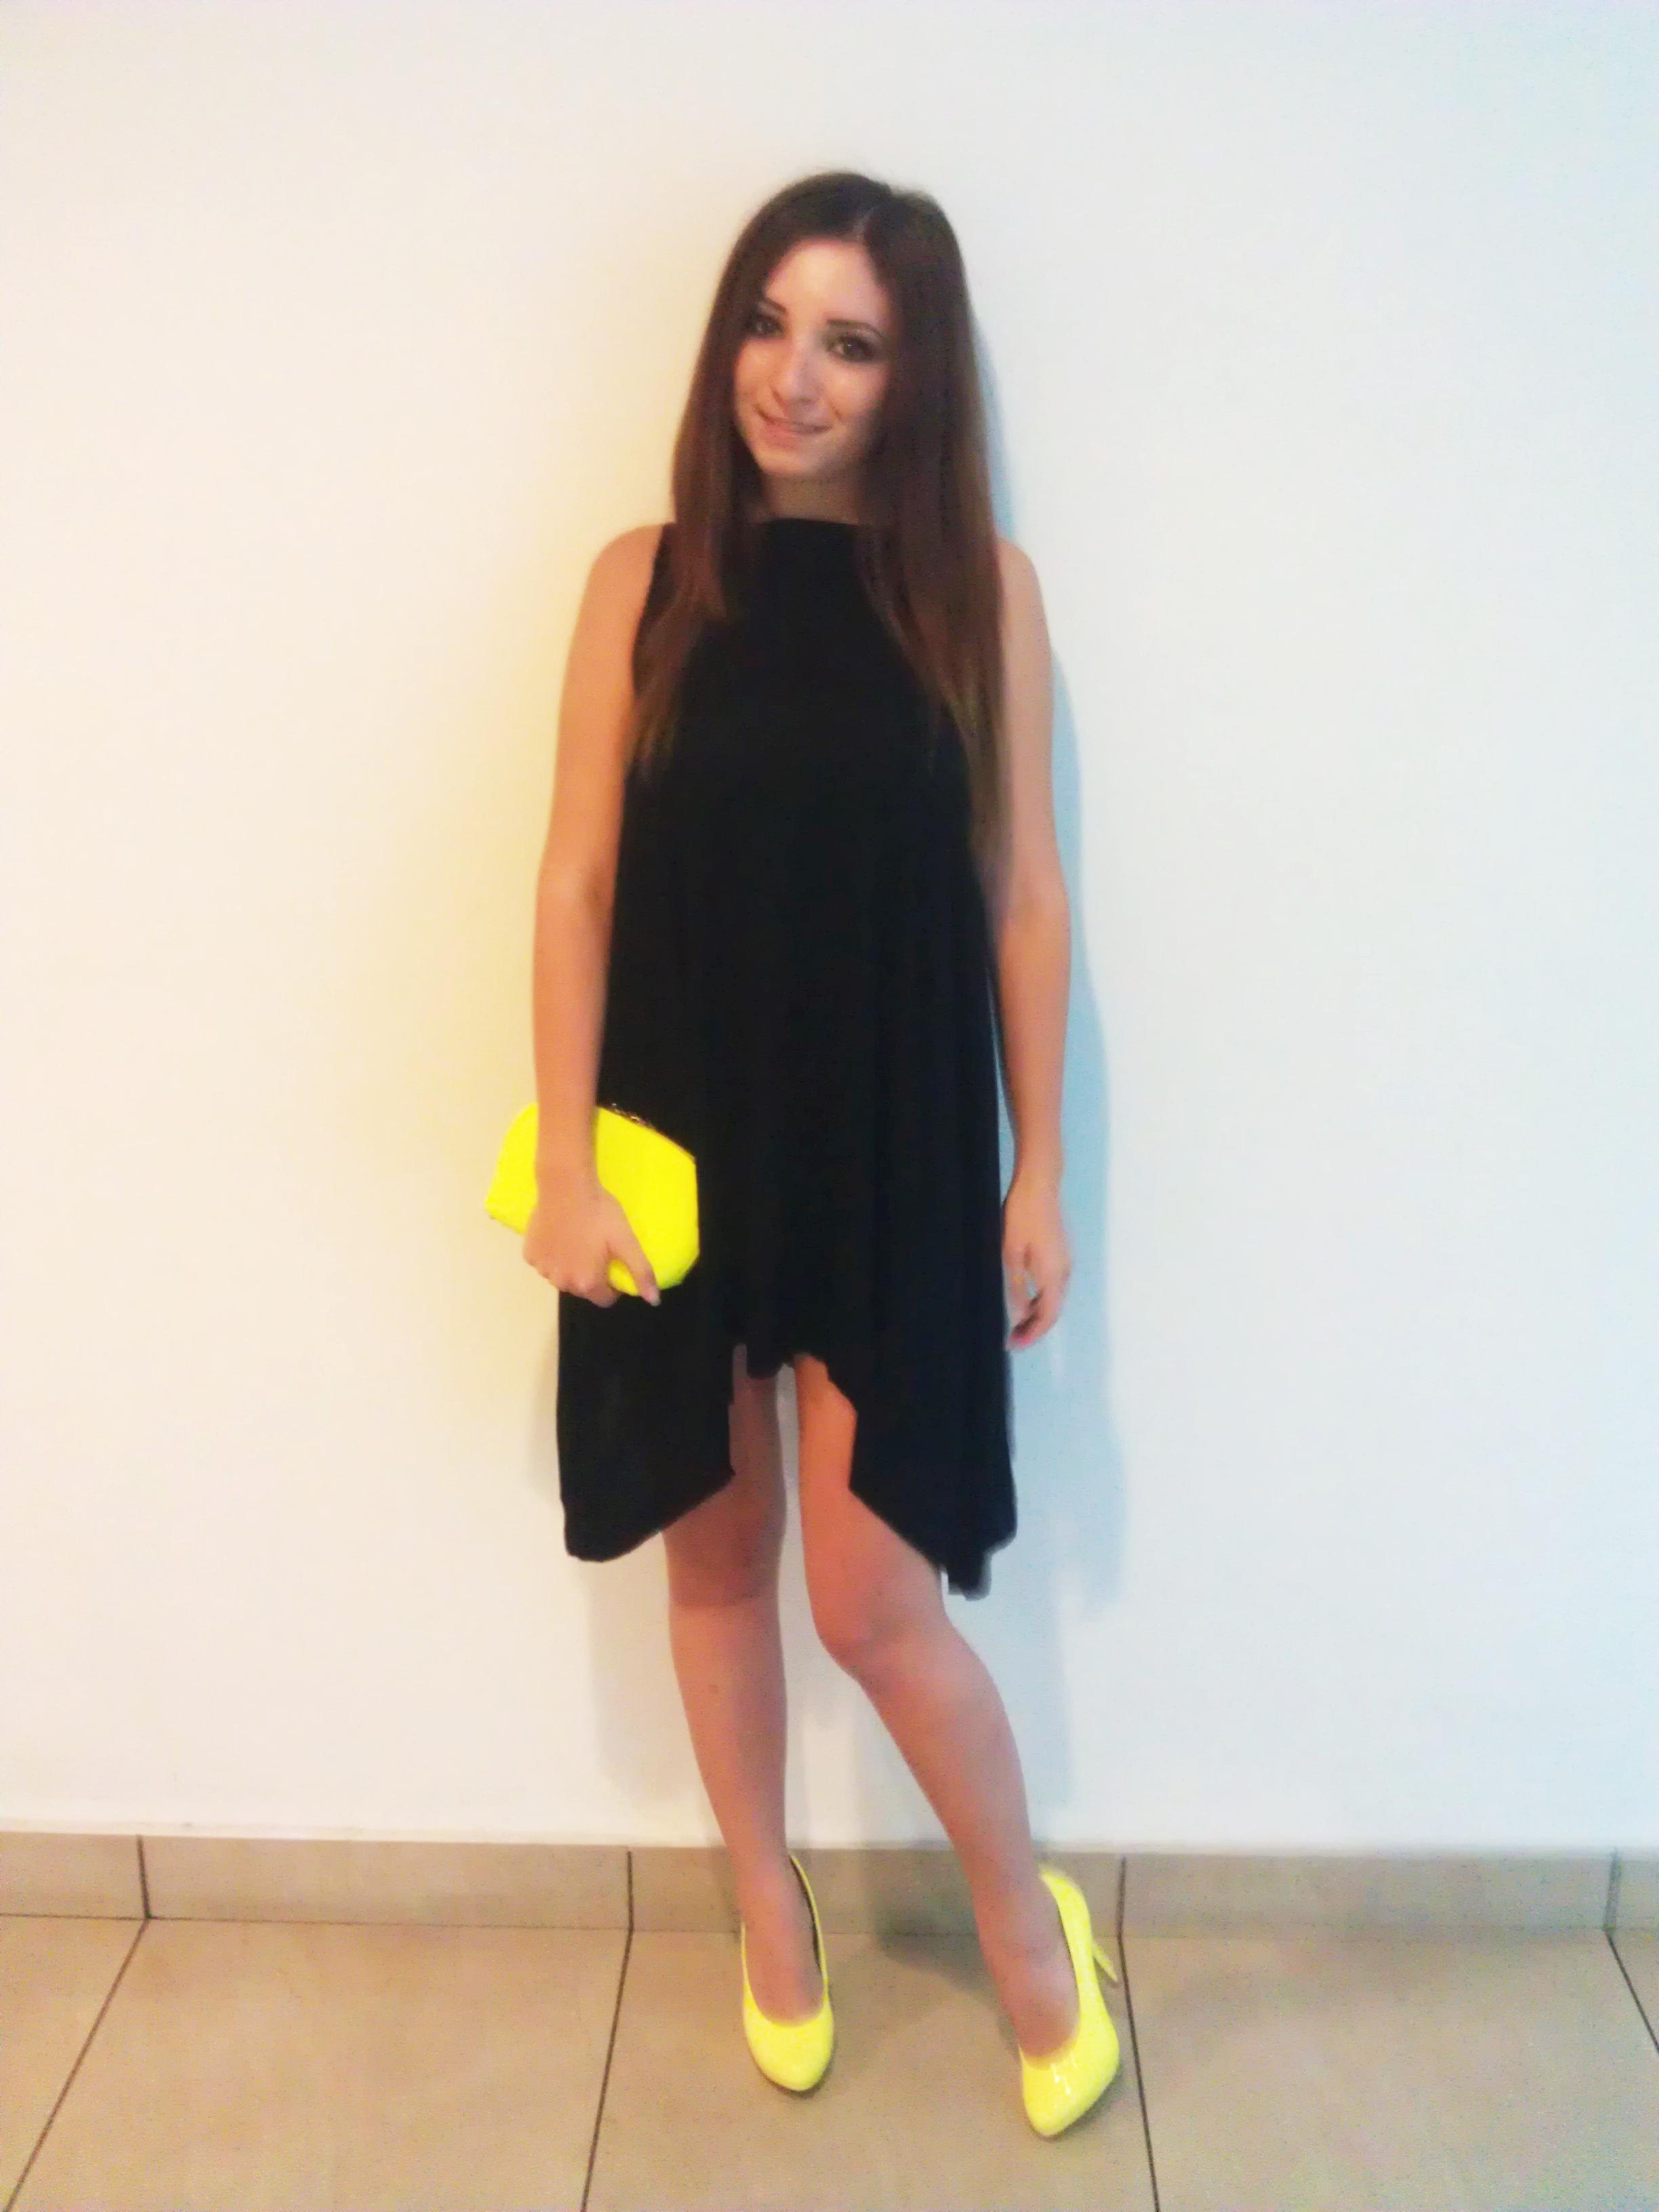 rochie neagra jerseu in colturi, pantofi si plic galben neon